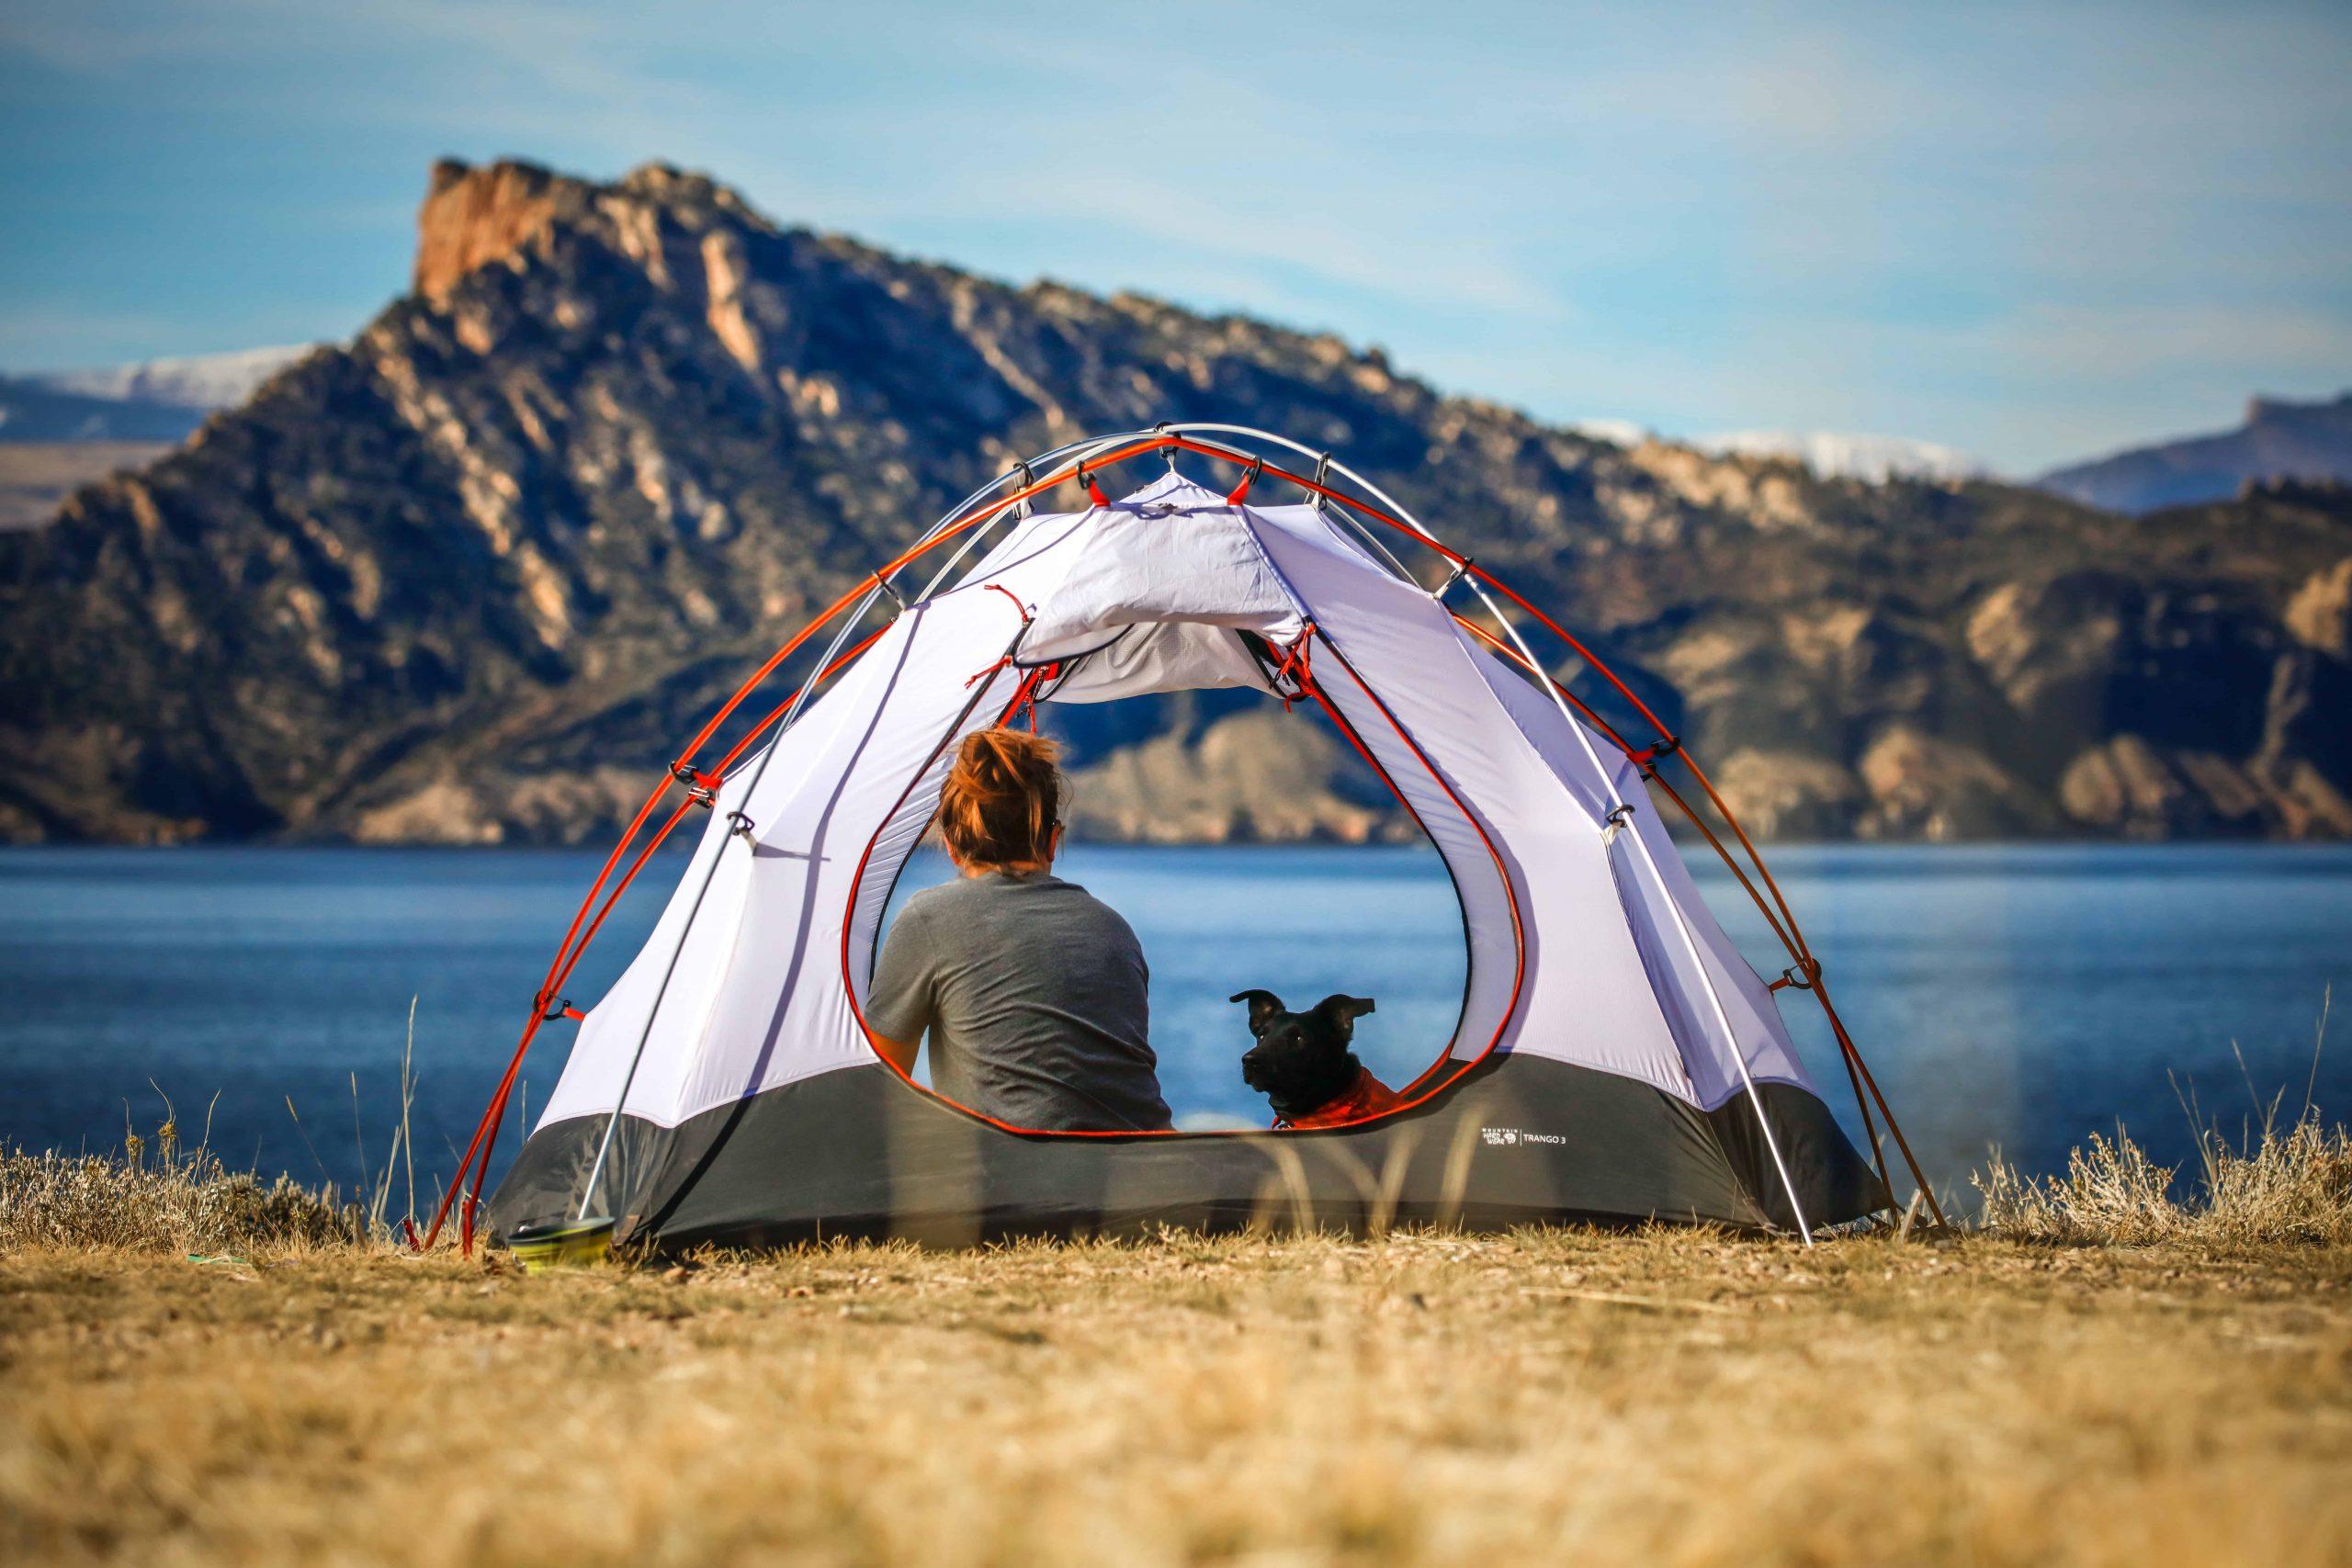 6 Personen Zelt: Test & Empfehlungen (0720)   OUTDOORMEISTER